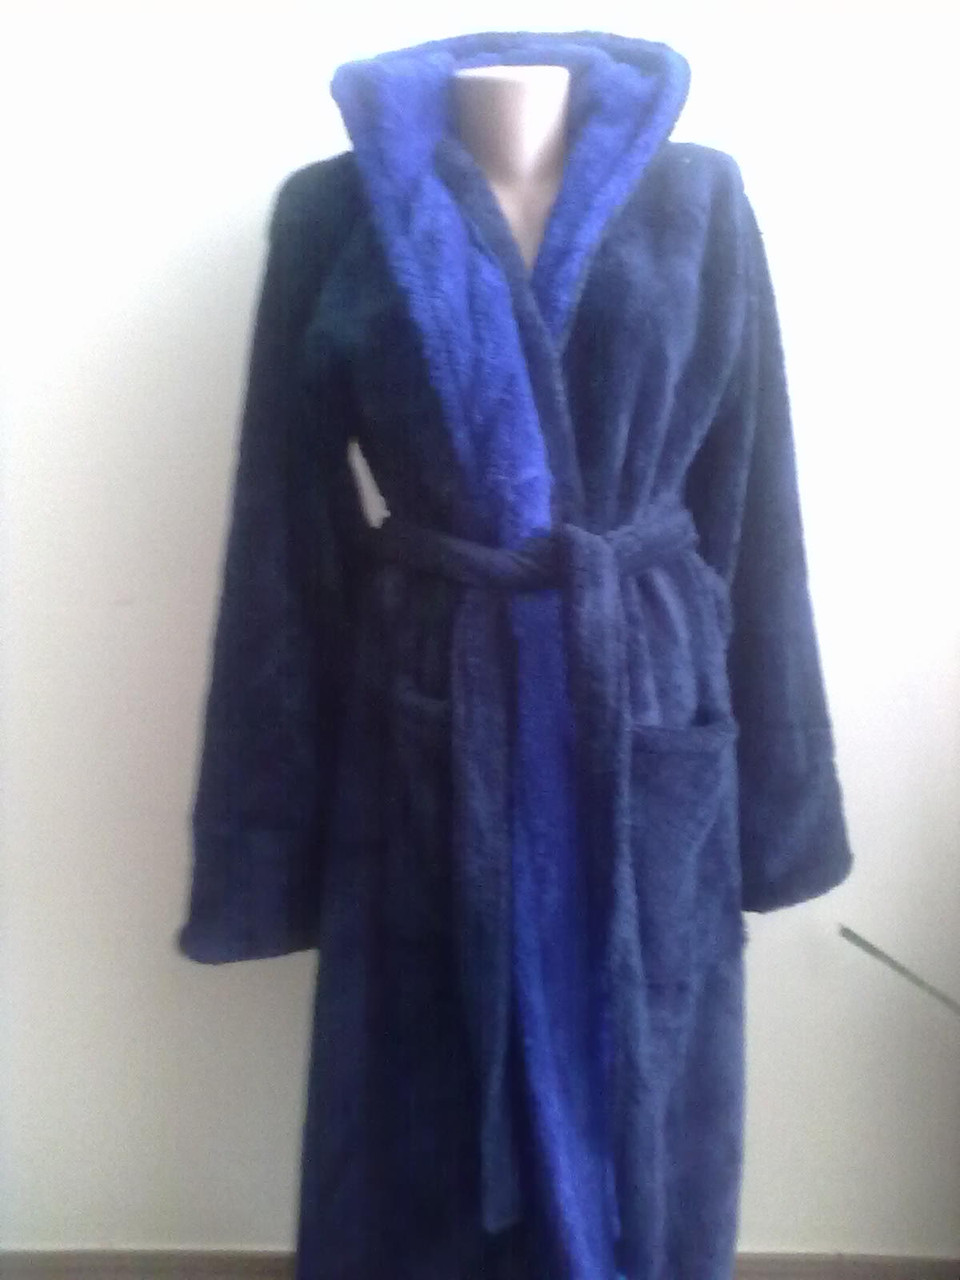 02ad2e94a682f Купить Мужской теплый длинный халат 454358118 - Грация & Стиль